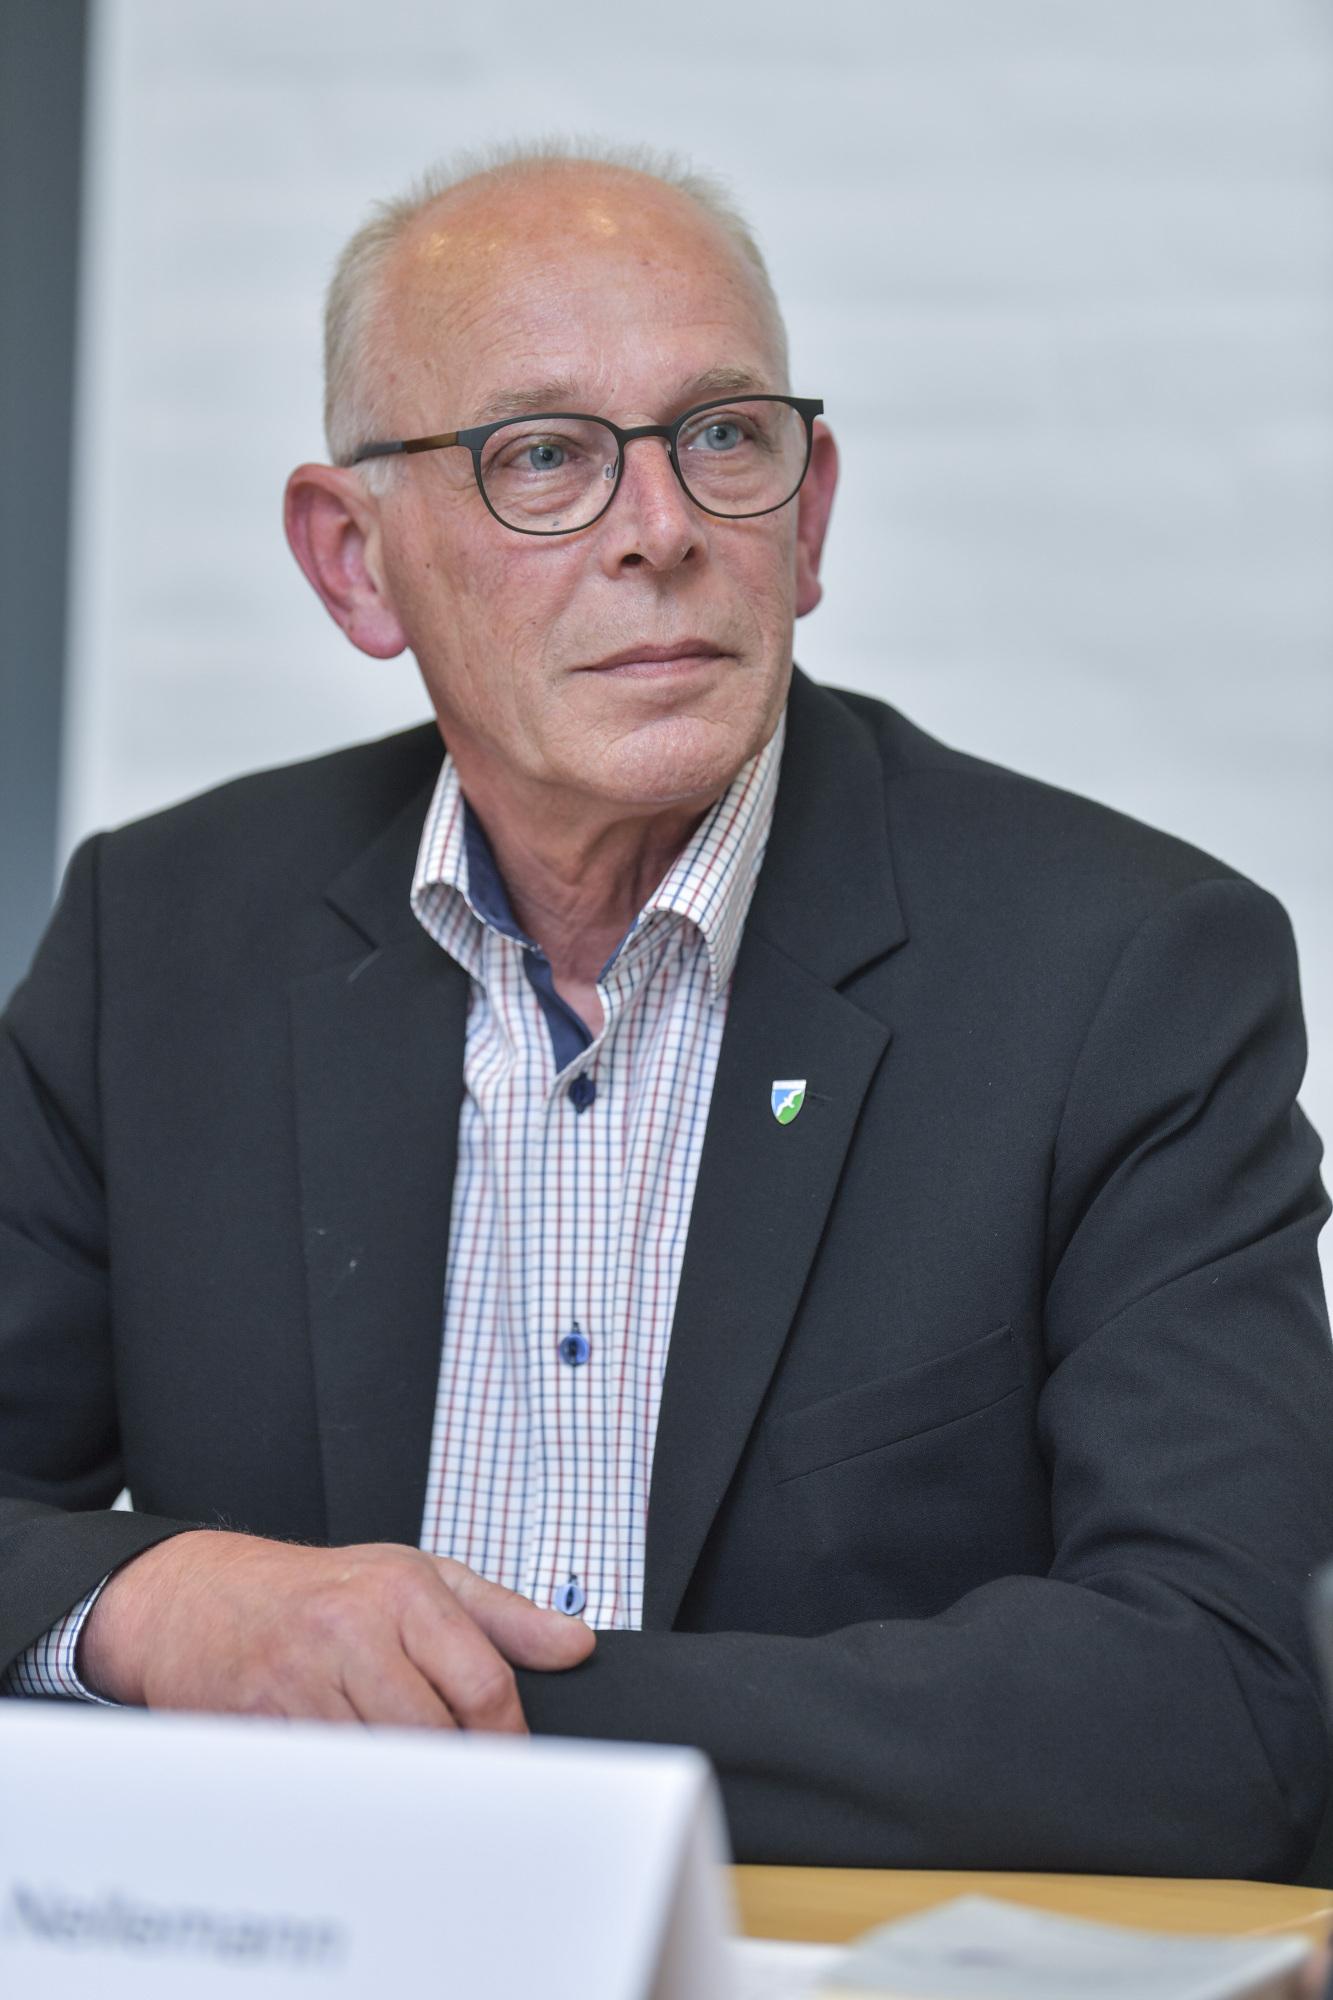 Formand: Der skete fejl ved plejecenters modtagelse af Hannes mor